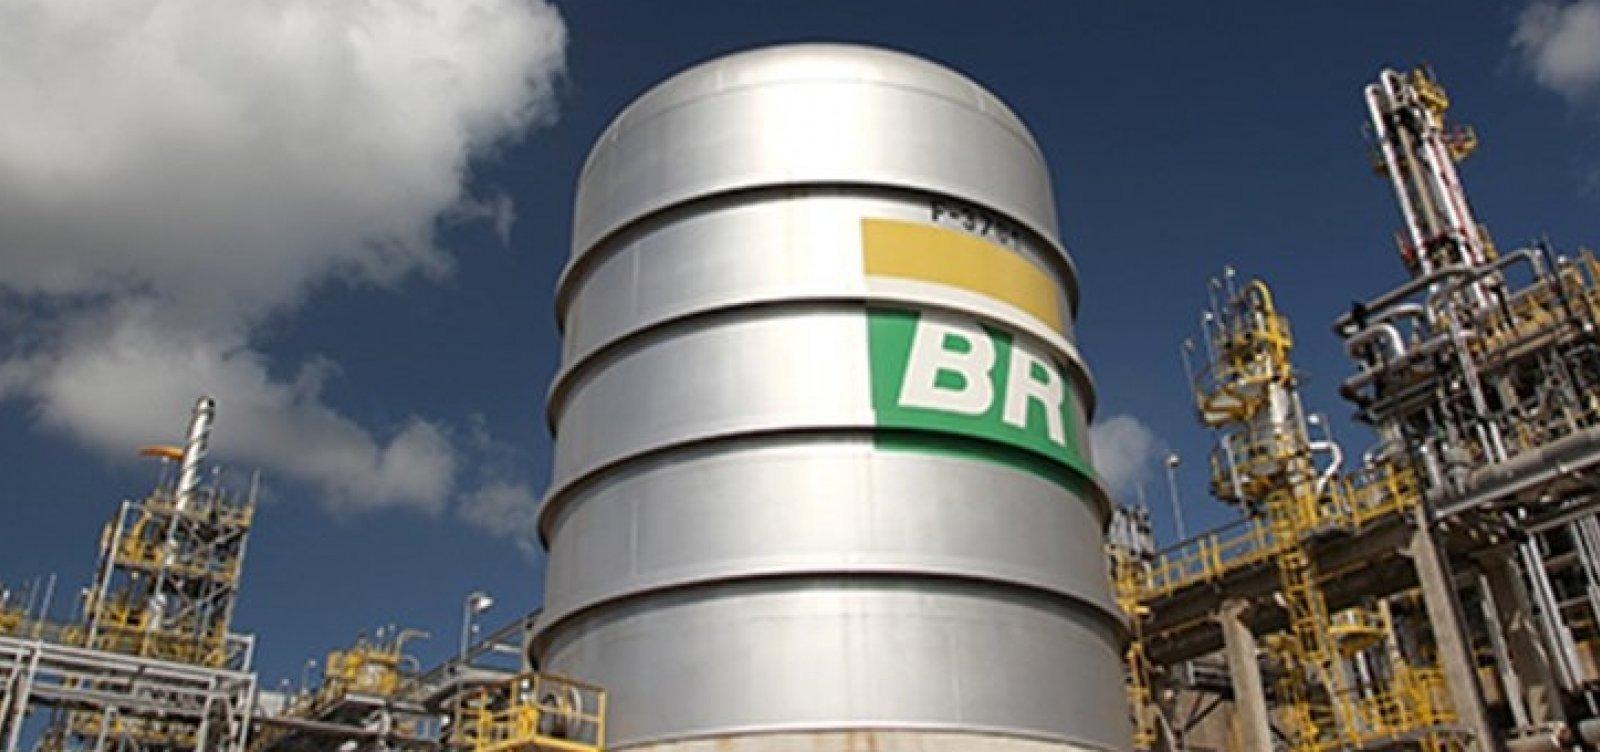 Preço da gasolina aumenta quase 13% nas refinarias em 2021